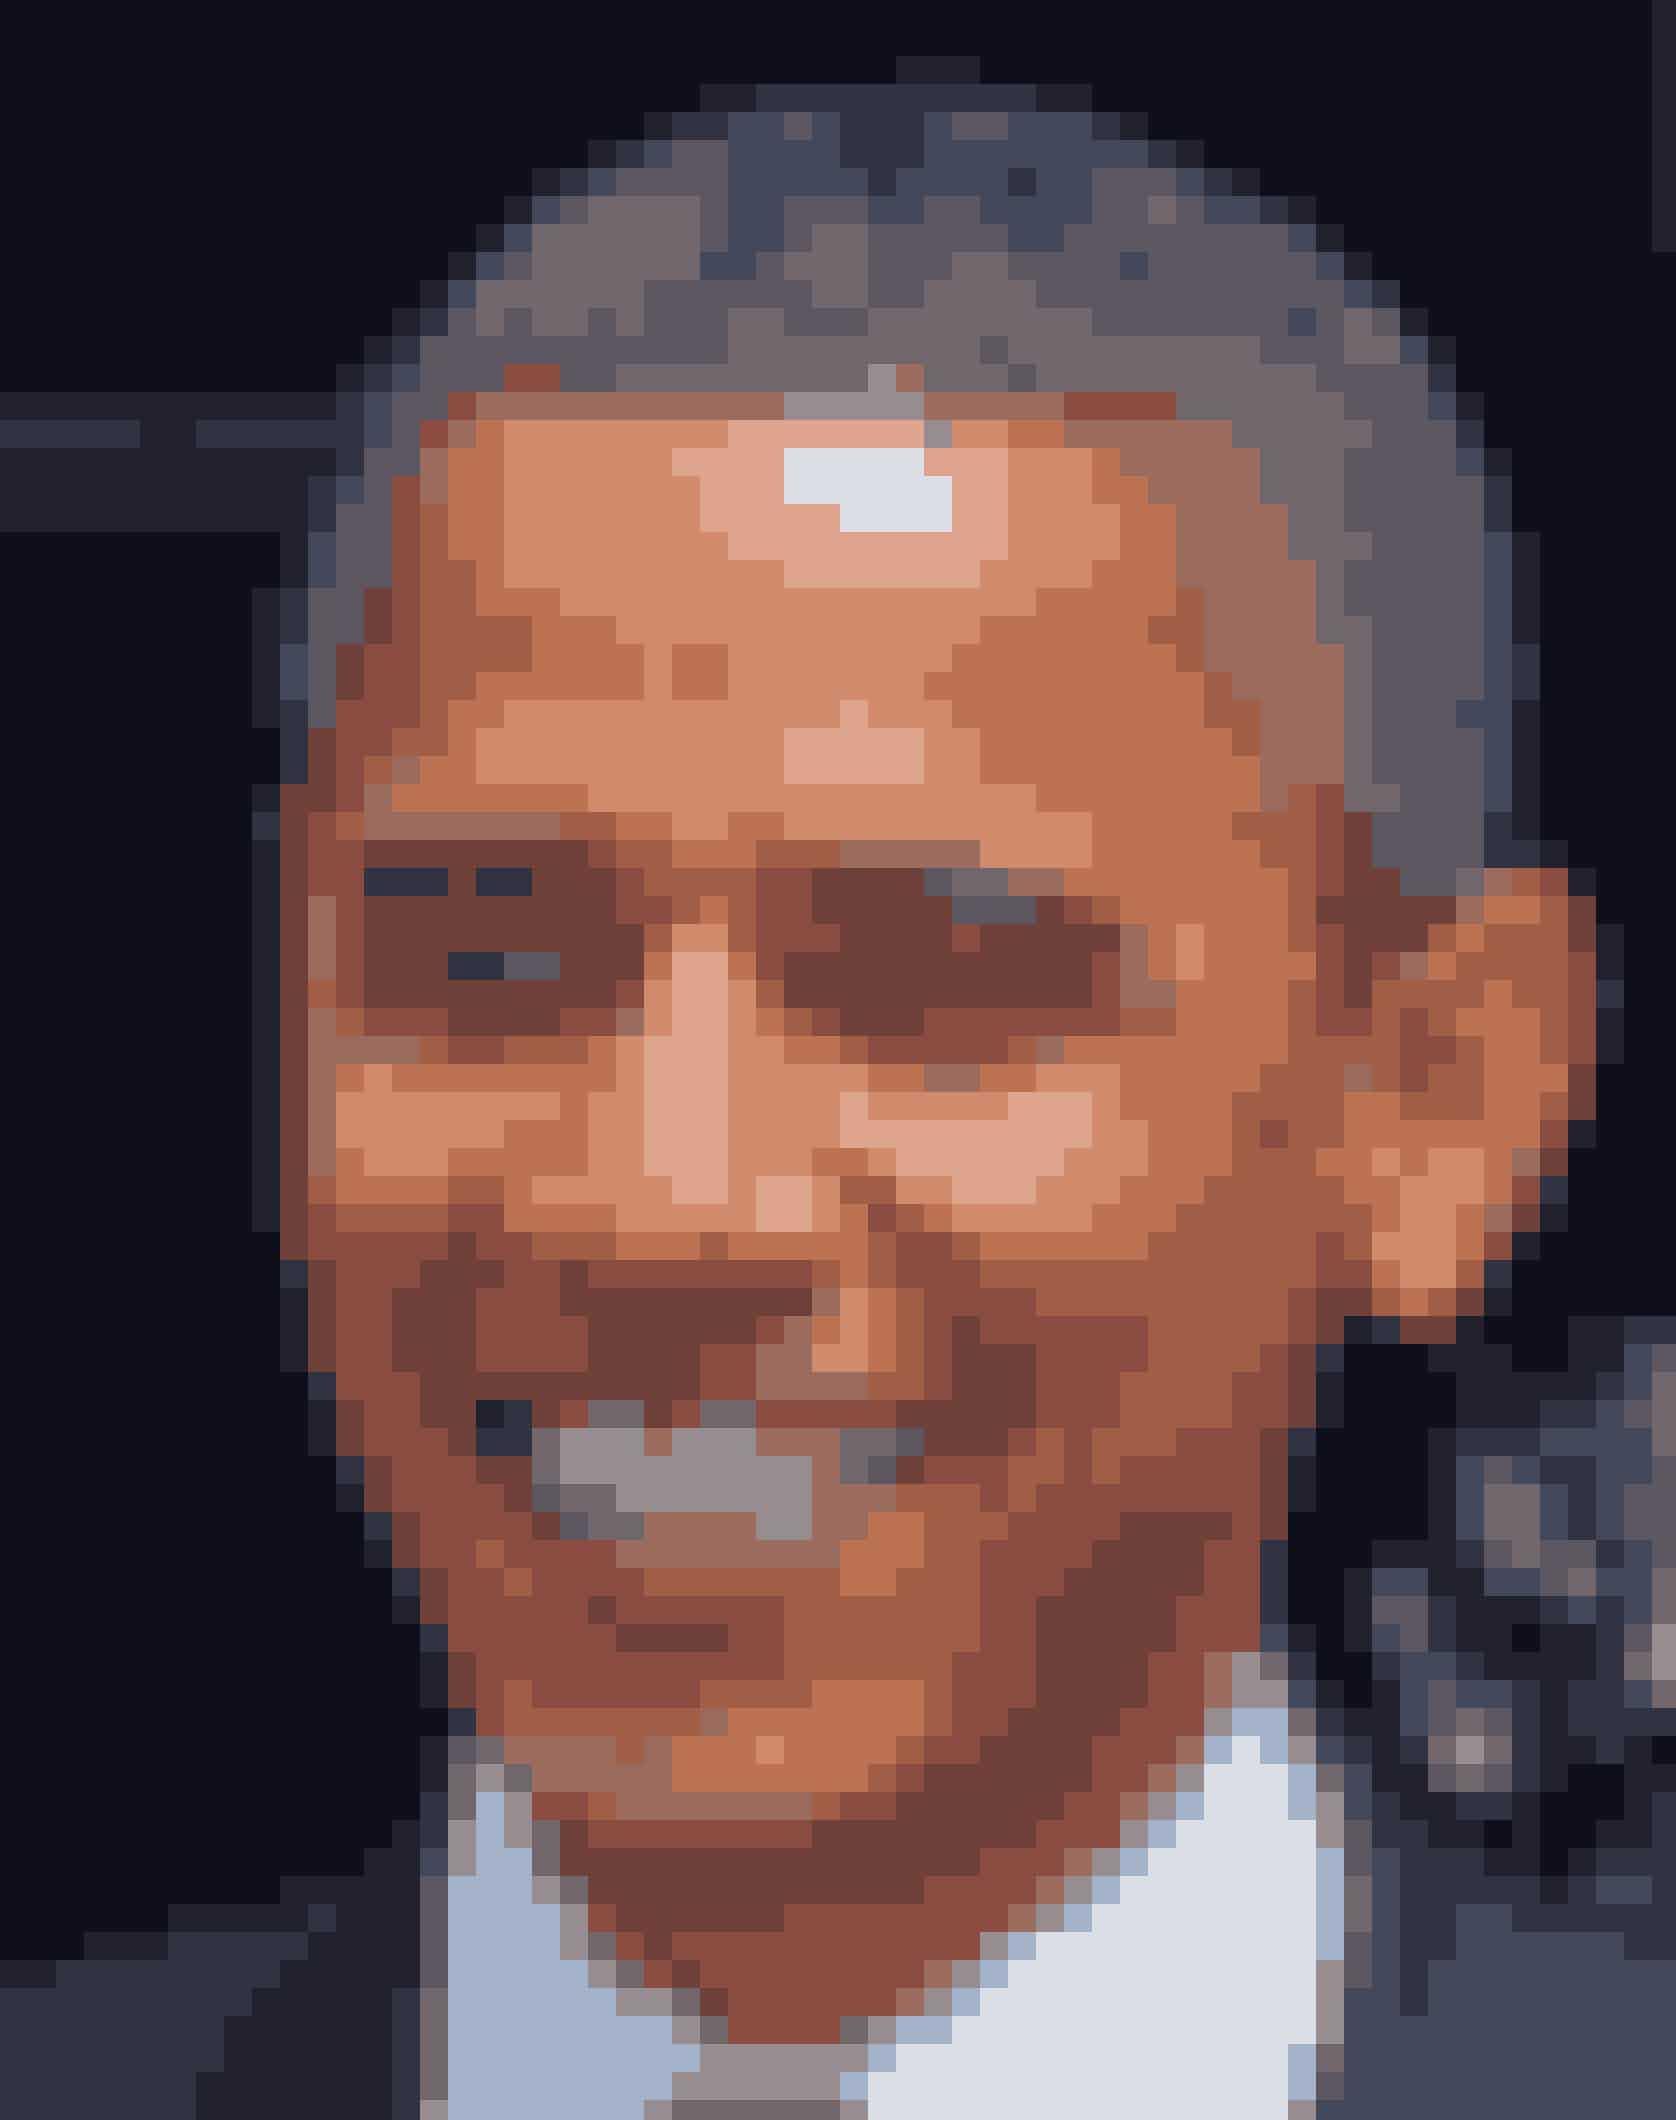 Barack Obama har linjer fra næsen til mundvigen.